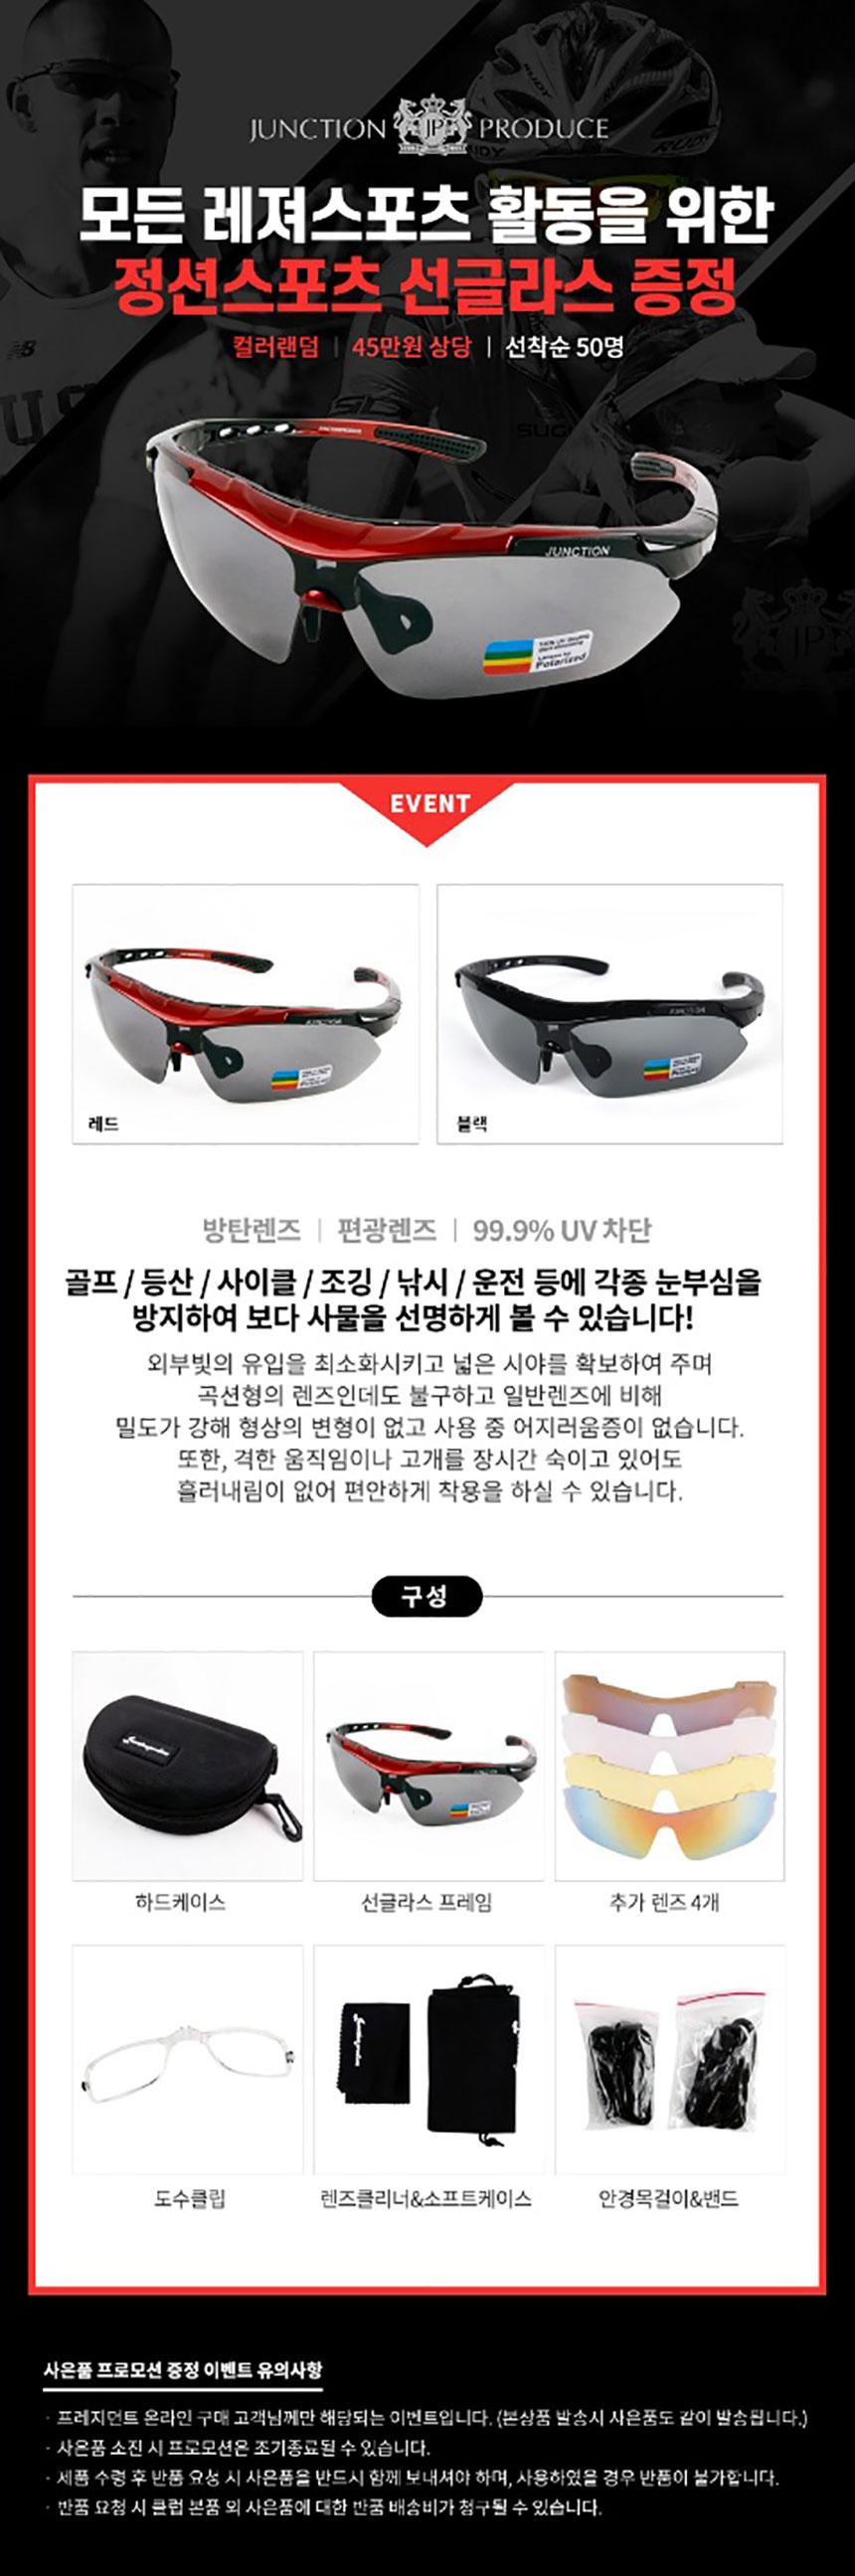 junction_sunglasses_gift_21.jpg